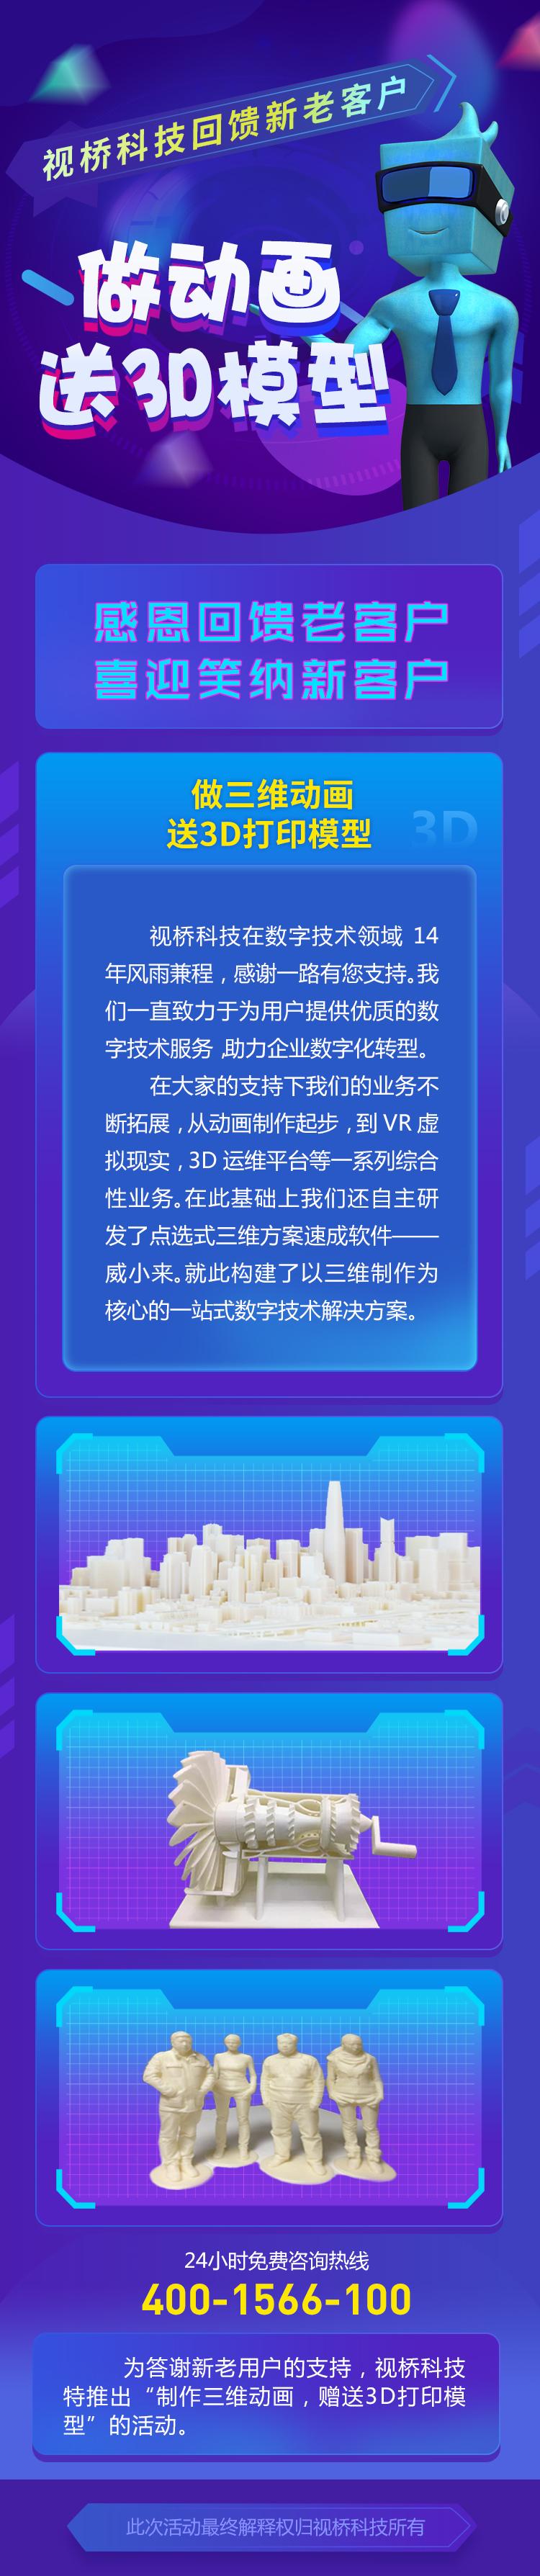 做说球帝直播app下载iOS送模型长图.jpg